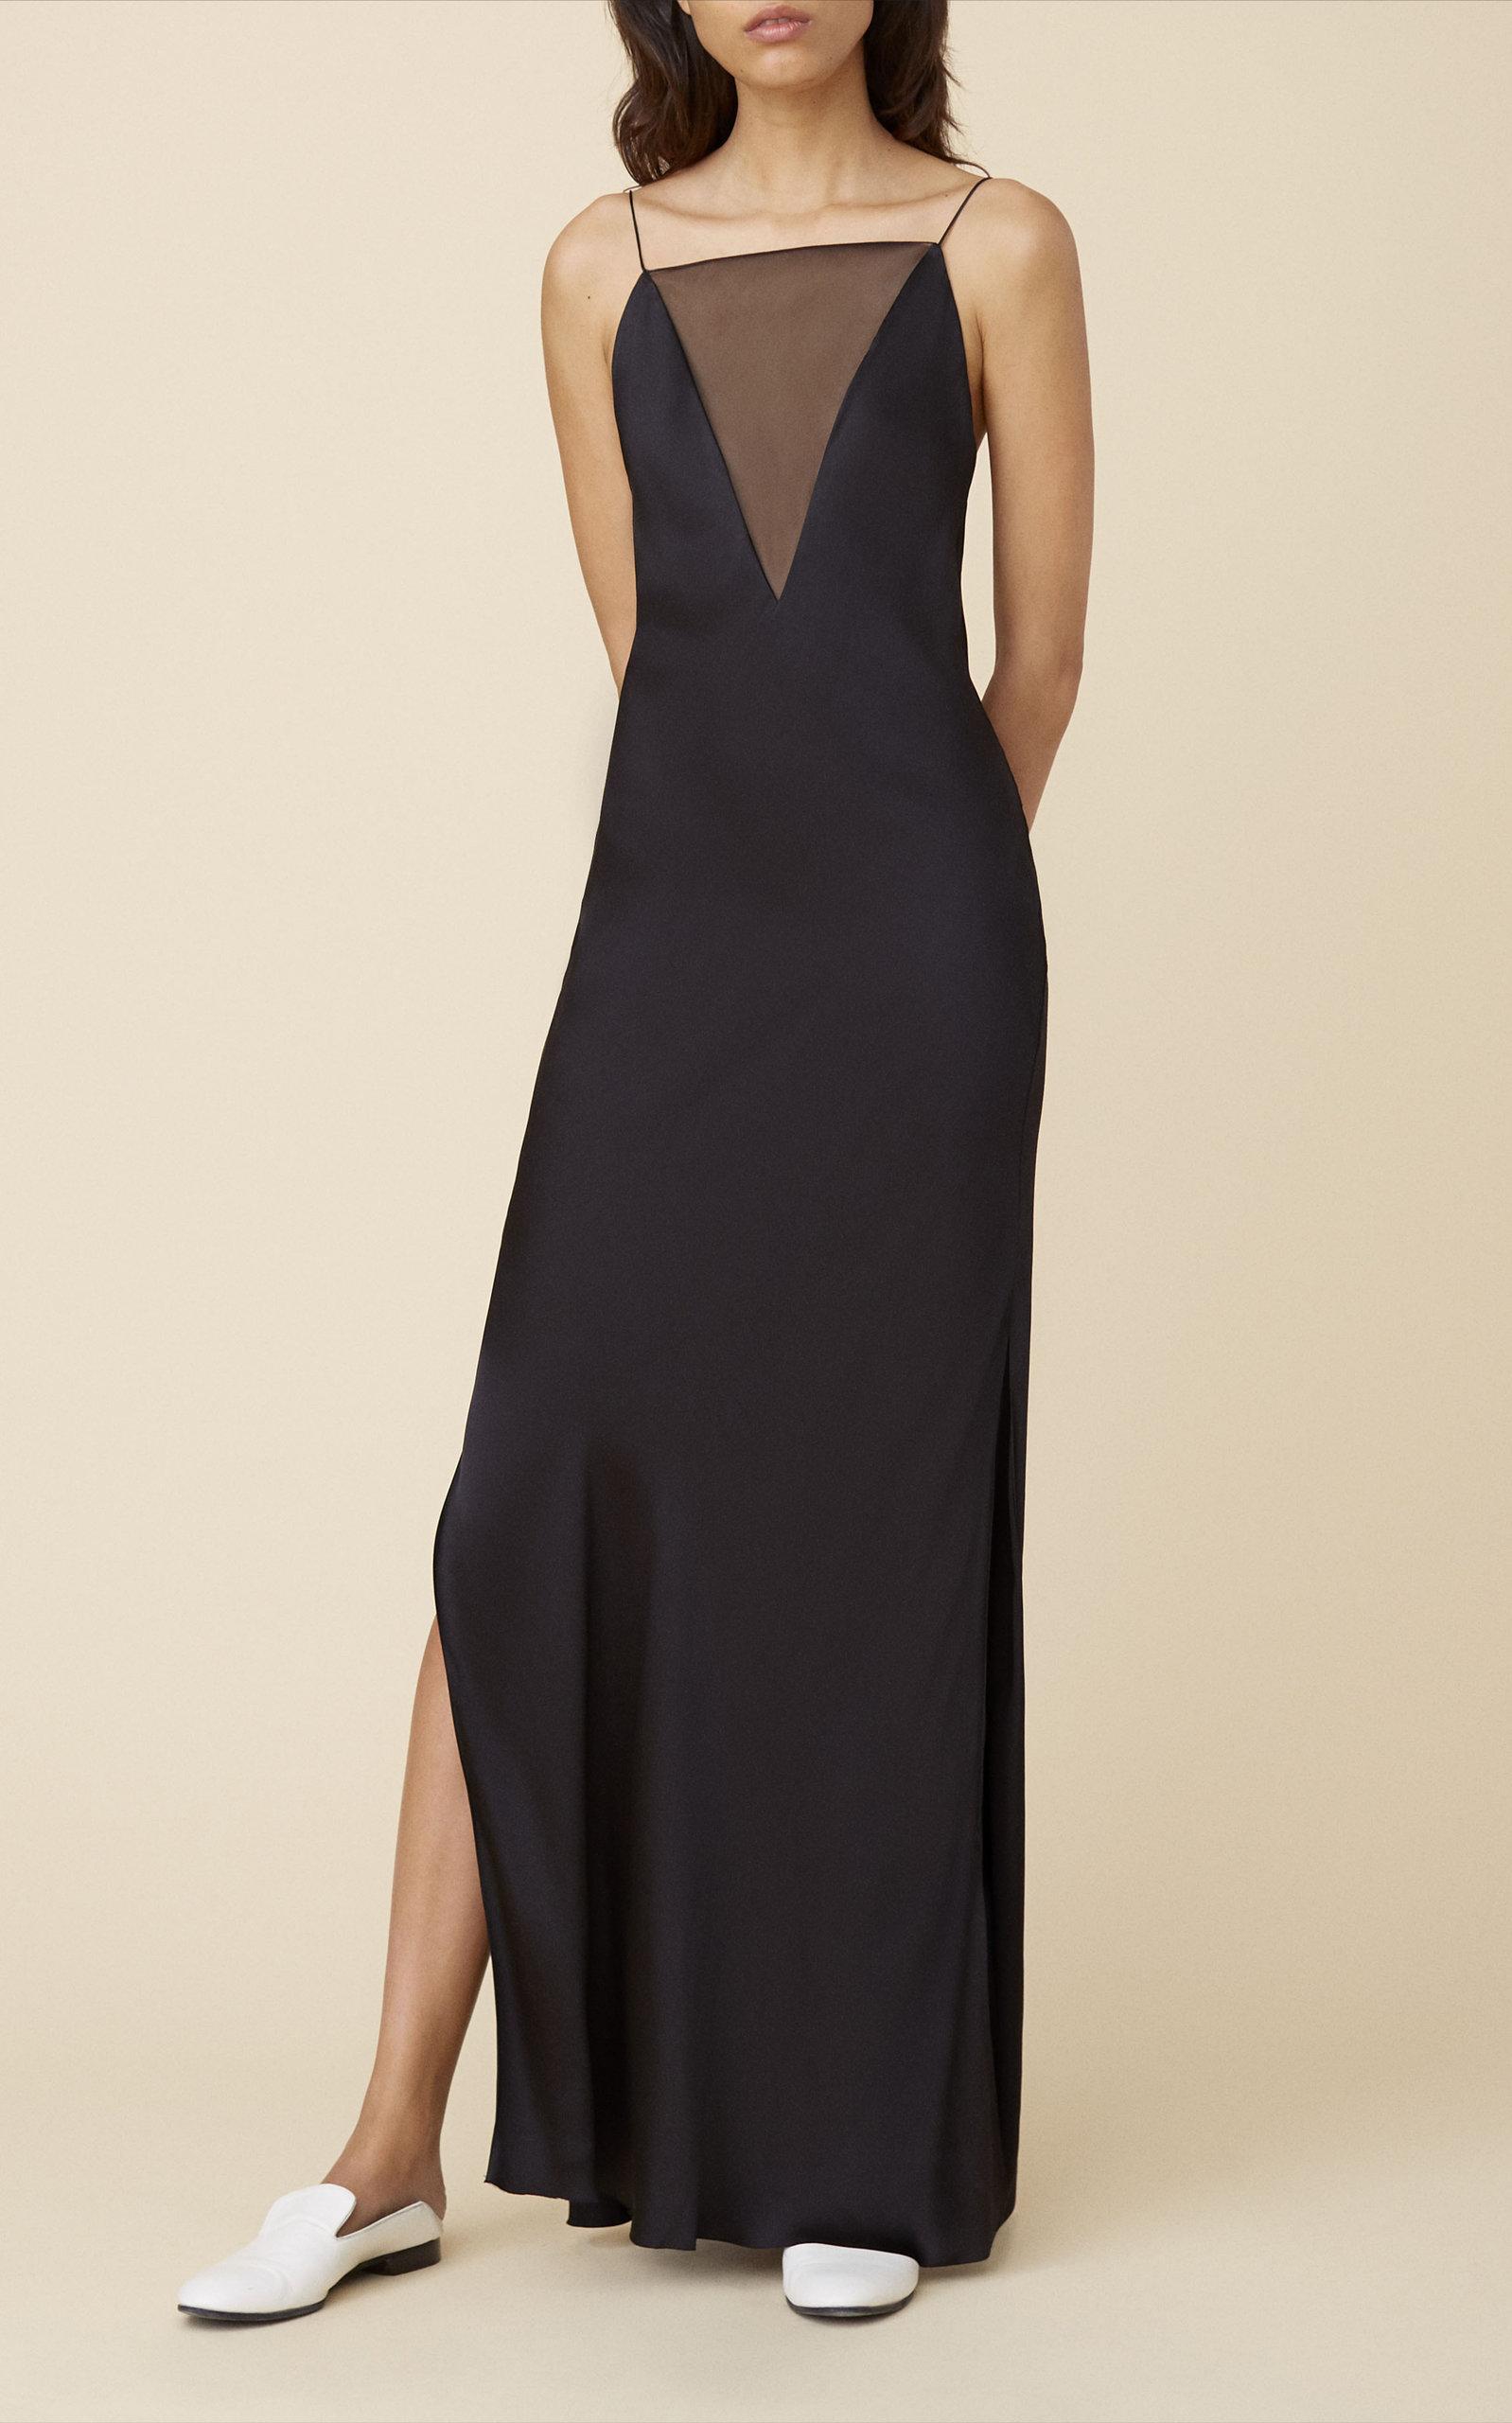 4e3984177c2 Marina MosconeGia Slip Dress. CLOSE. Loading. Loading. Loading